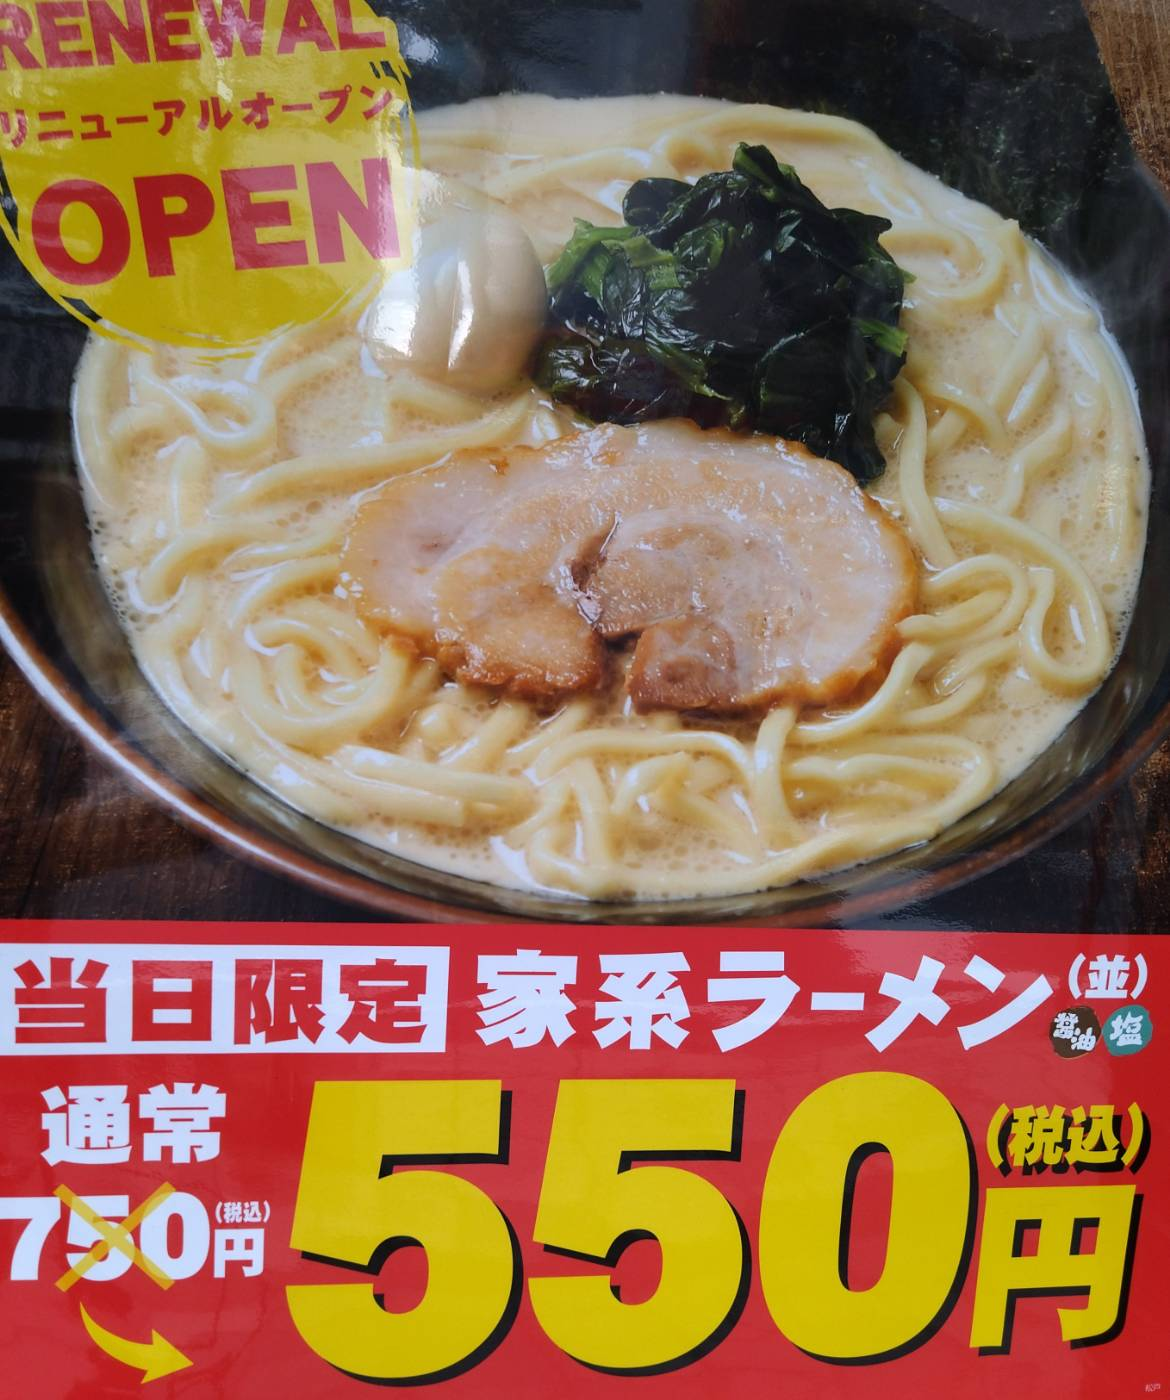 ラーメン壱角家松戸店リニューアルオープン